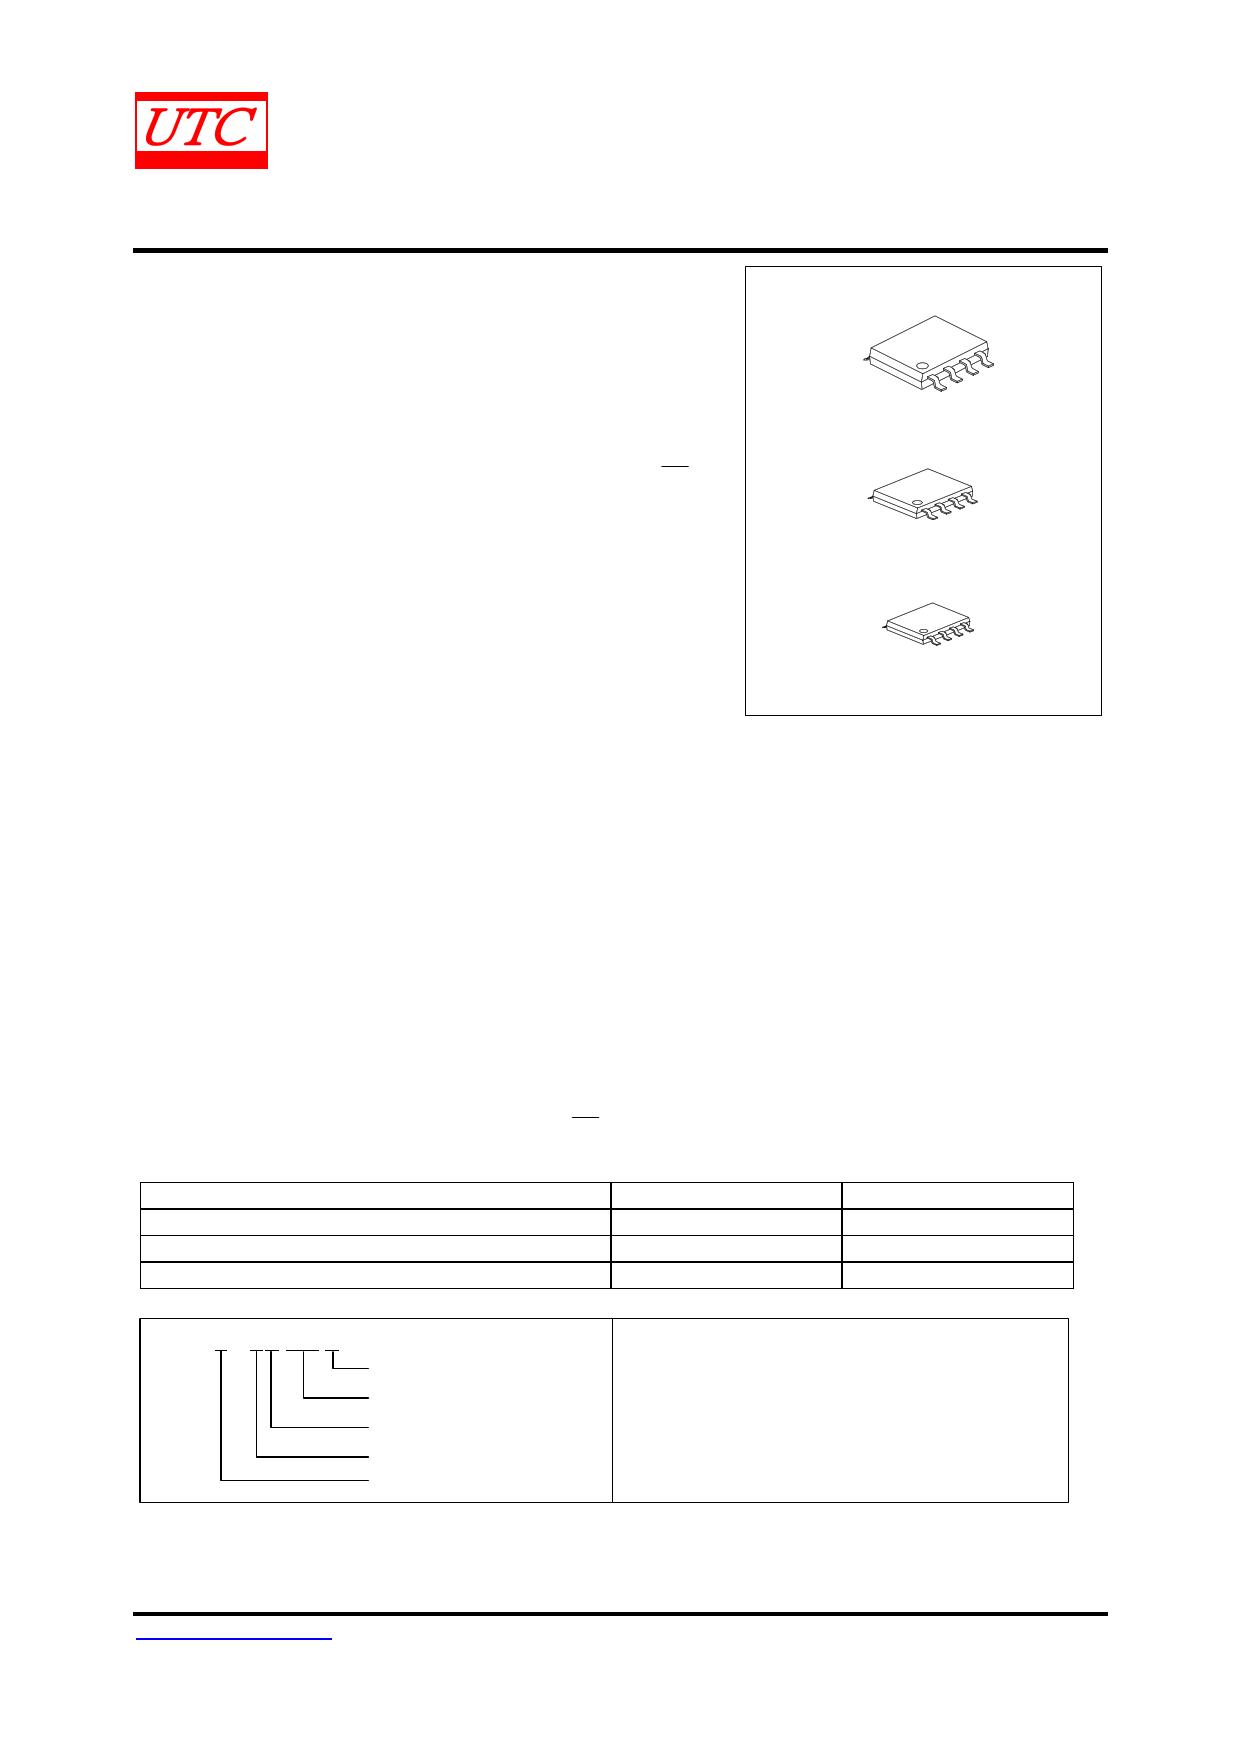 US3375 datasheet